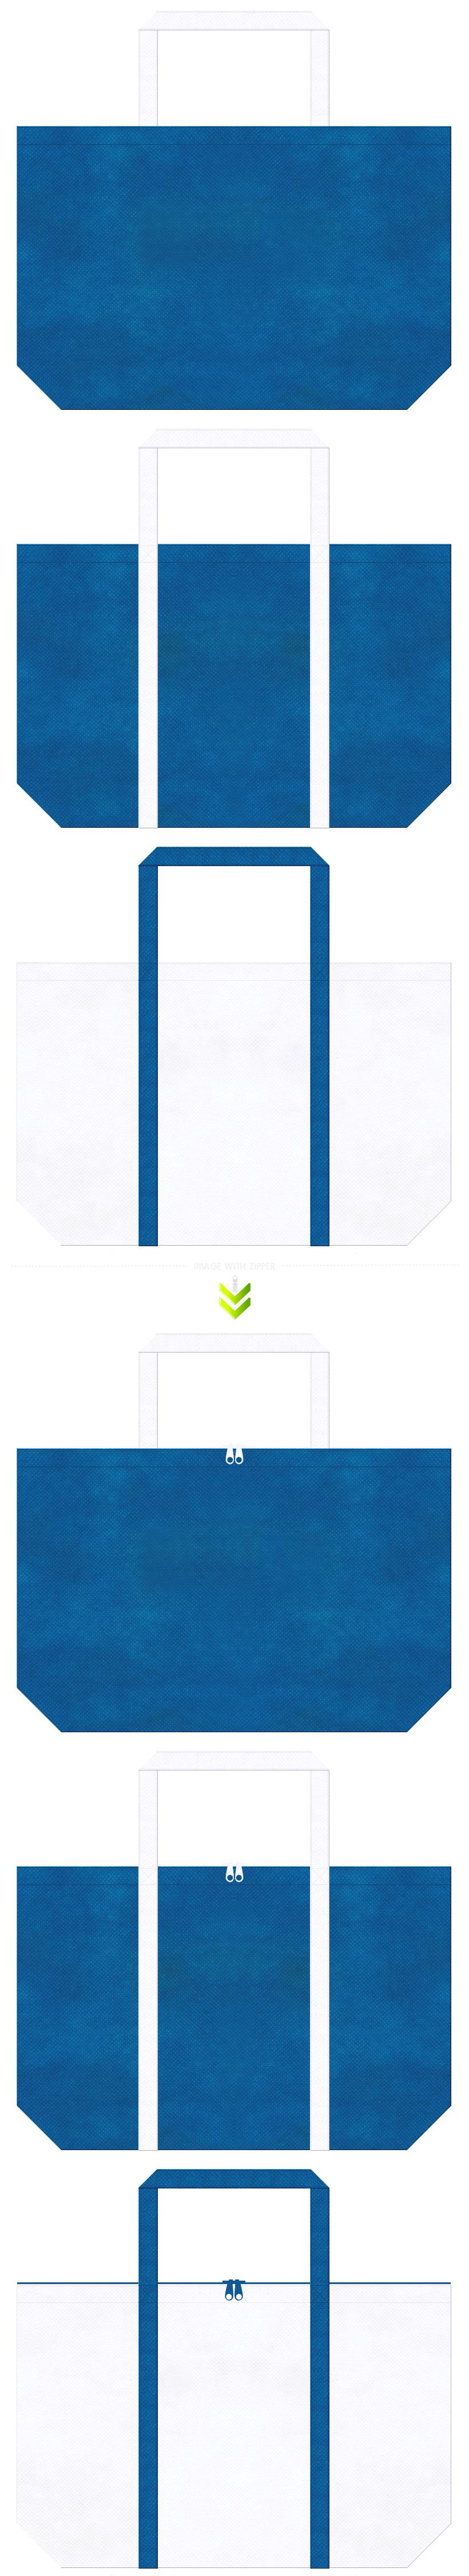 青色と白色の不織布バッグデザイン。ビーチパラソル・クルージング・太陽光発電のイメージにお奨めです。